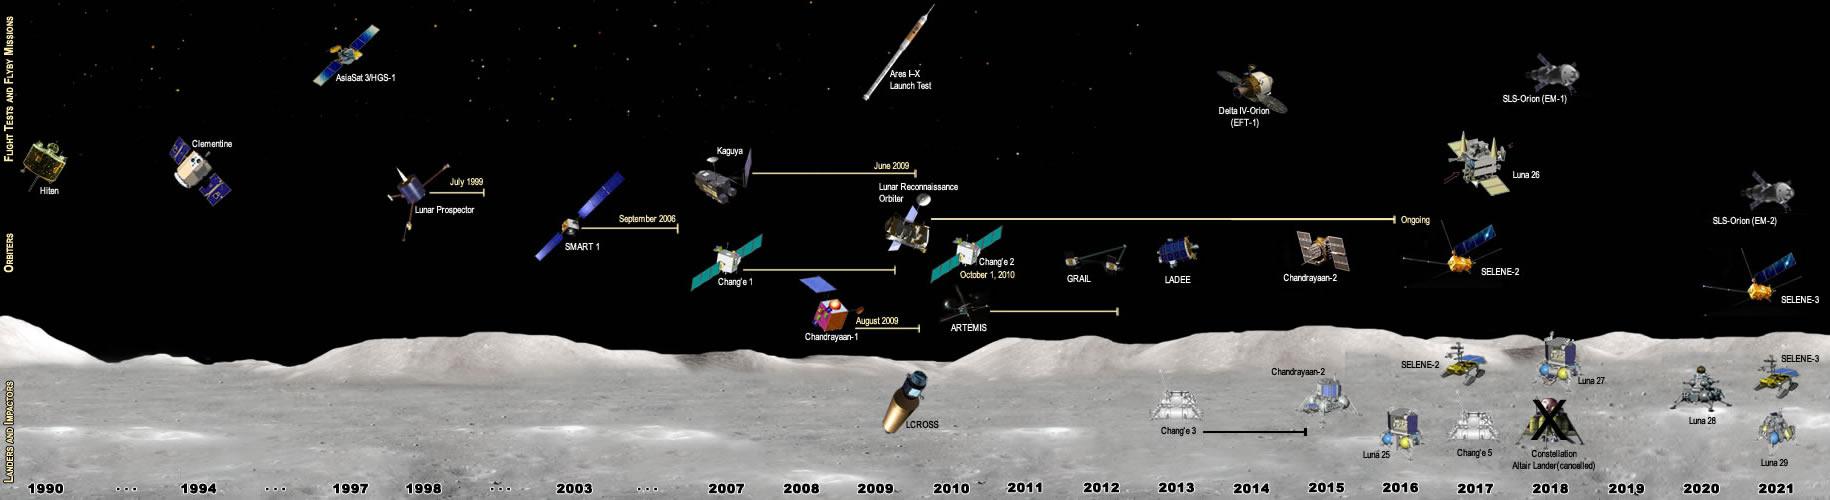 external image timeline.jpg